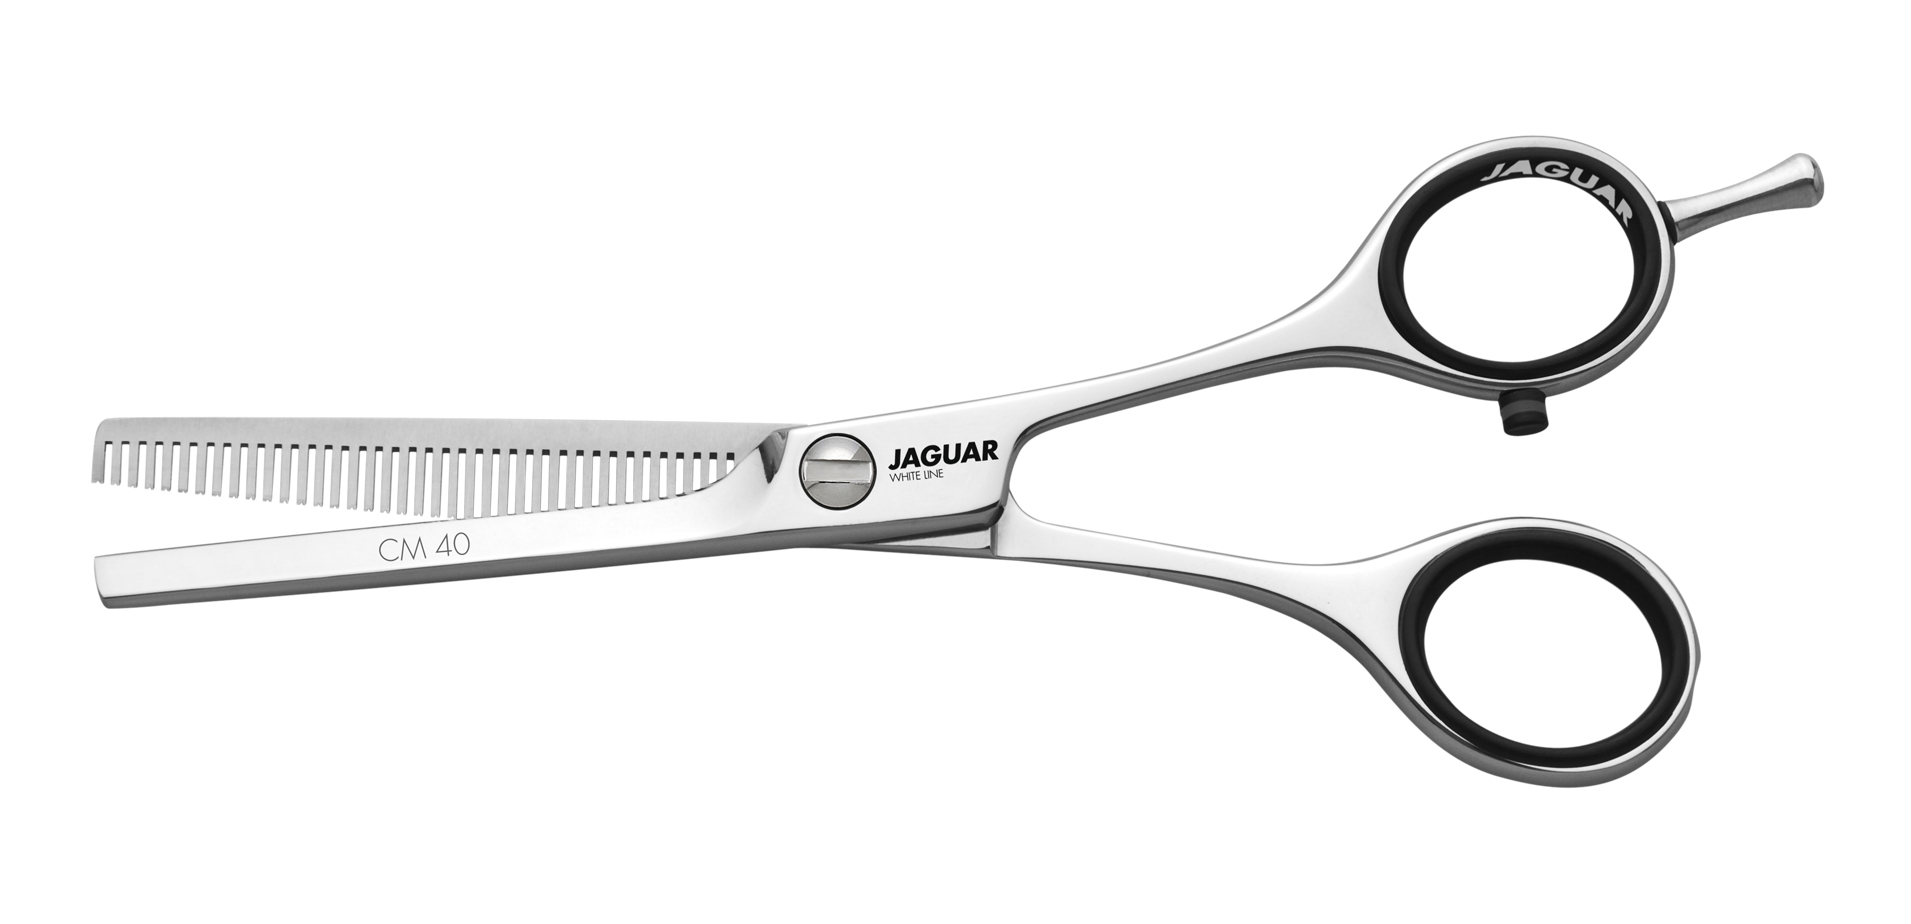 JAGUAR Ножницы A CM 40 фил. 5' ** jaguar ножницы jaguar silence 6 15 5cm gl